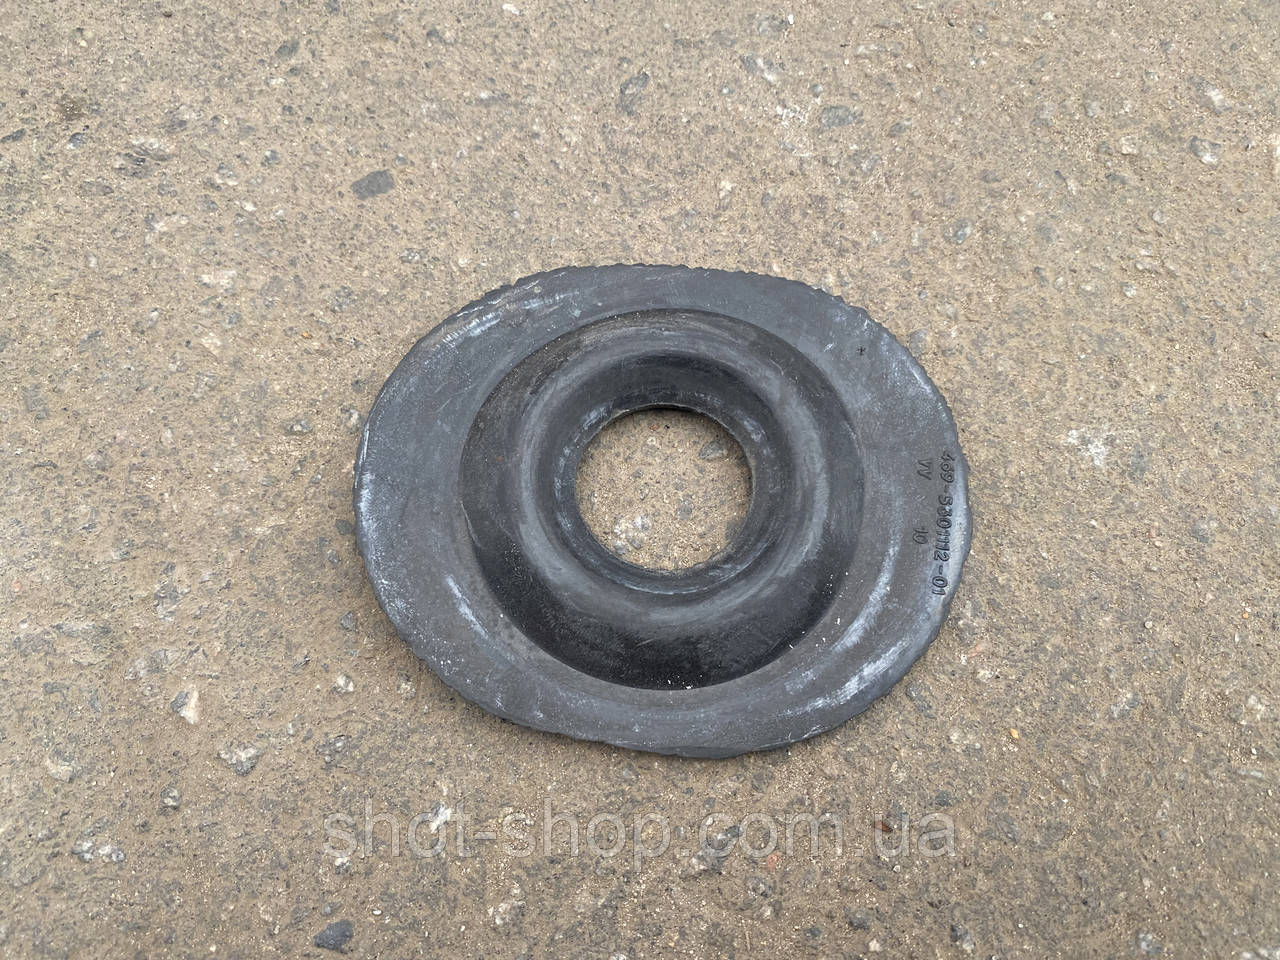 Уплотнитель пола рулевой колонки УАЗ 452.3303.469.31519